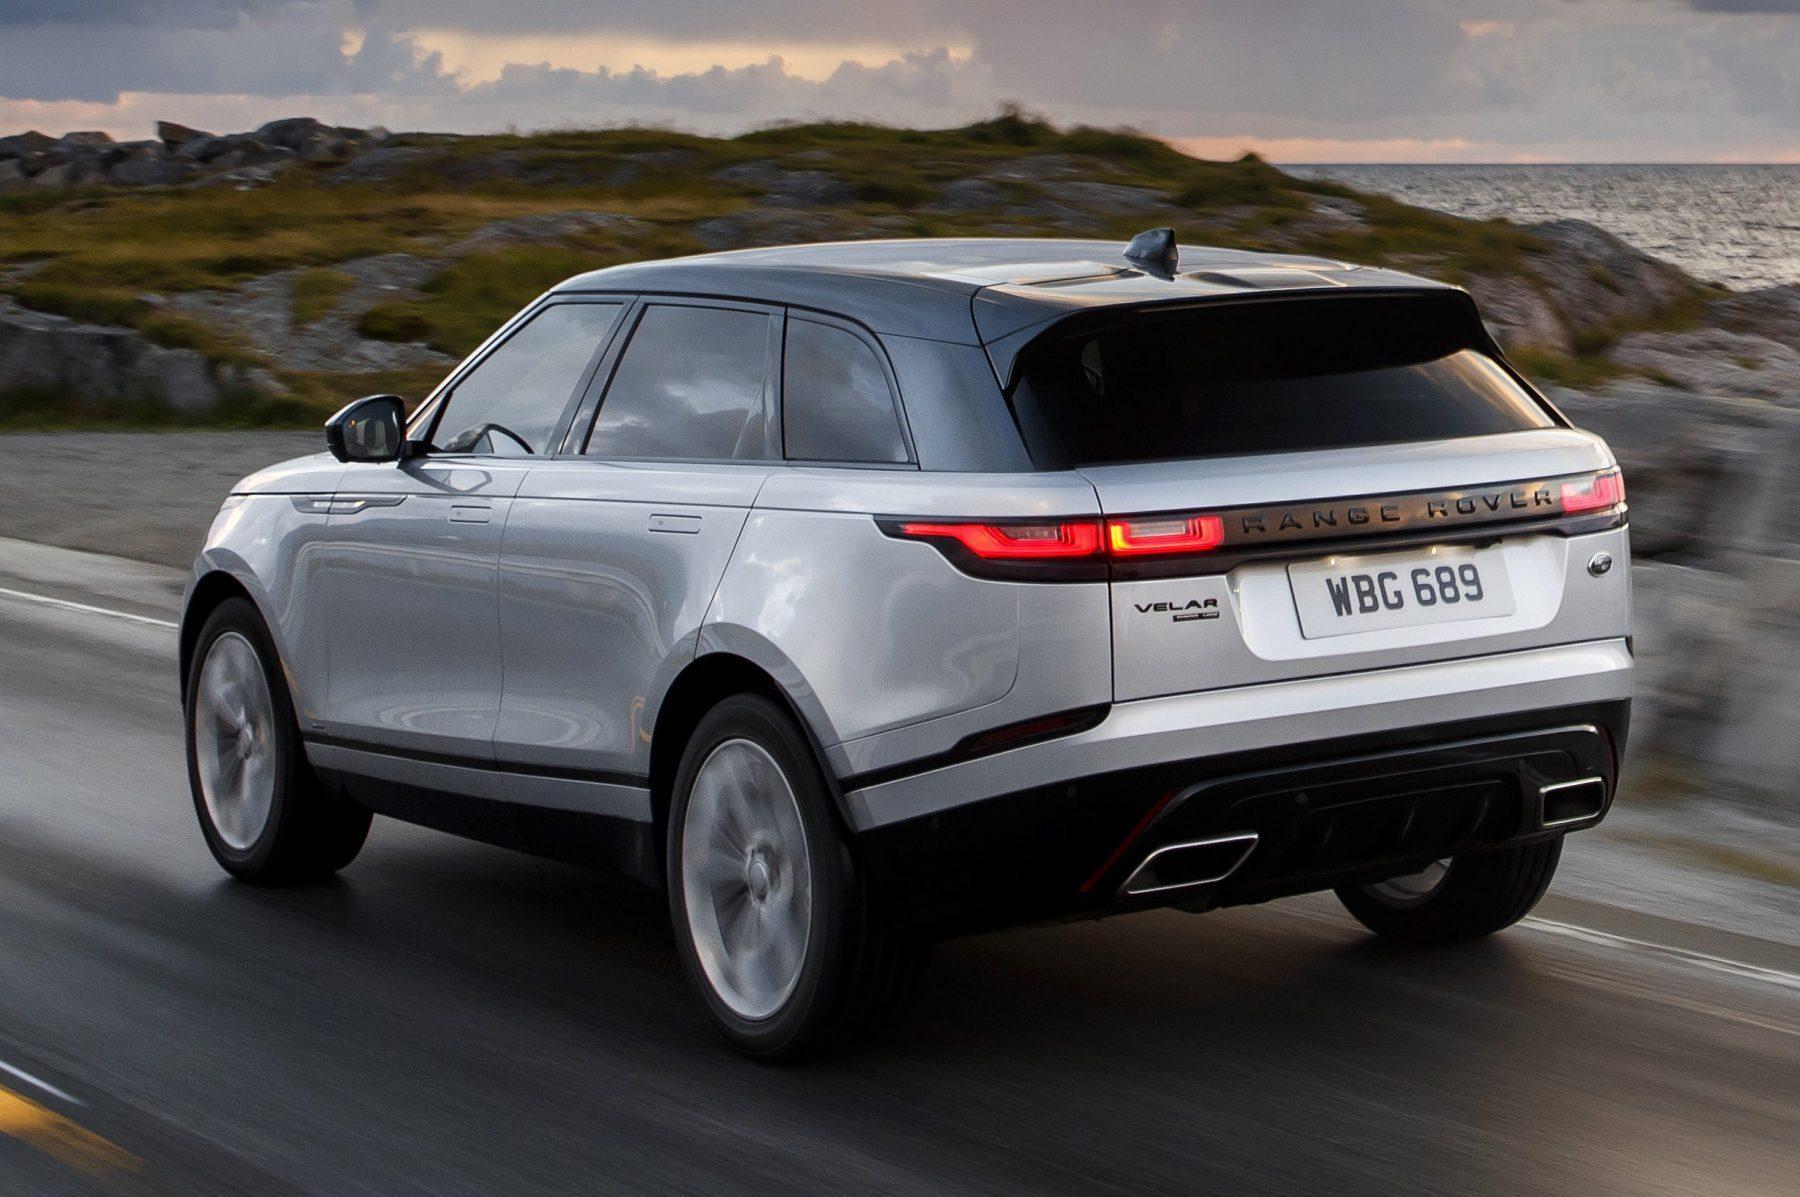 Traseira da nova Range Rover Velar 2021